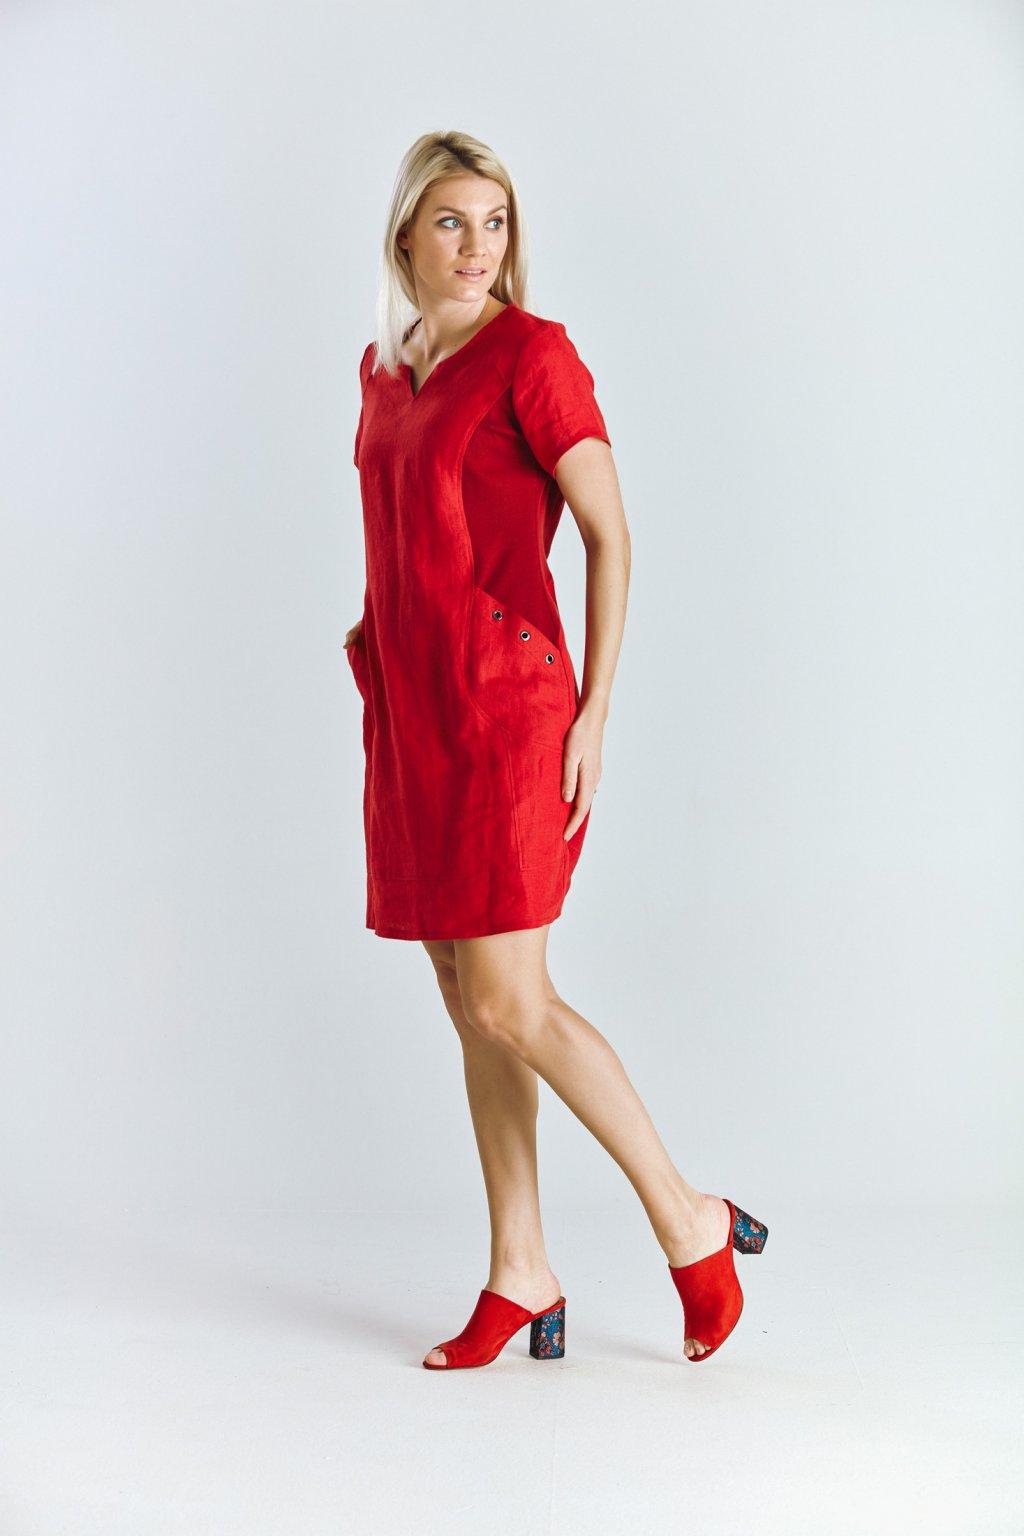 Dámské šaty s kroužky len červený